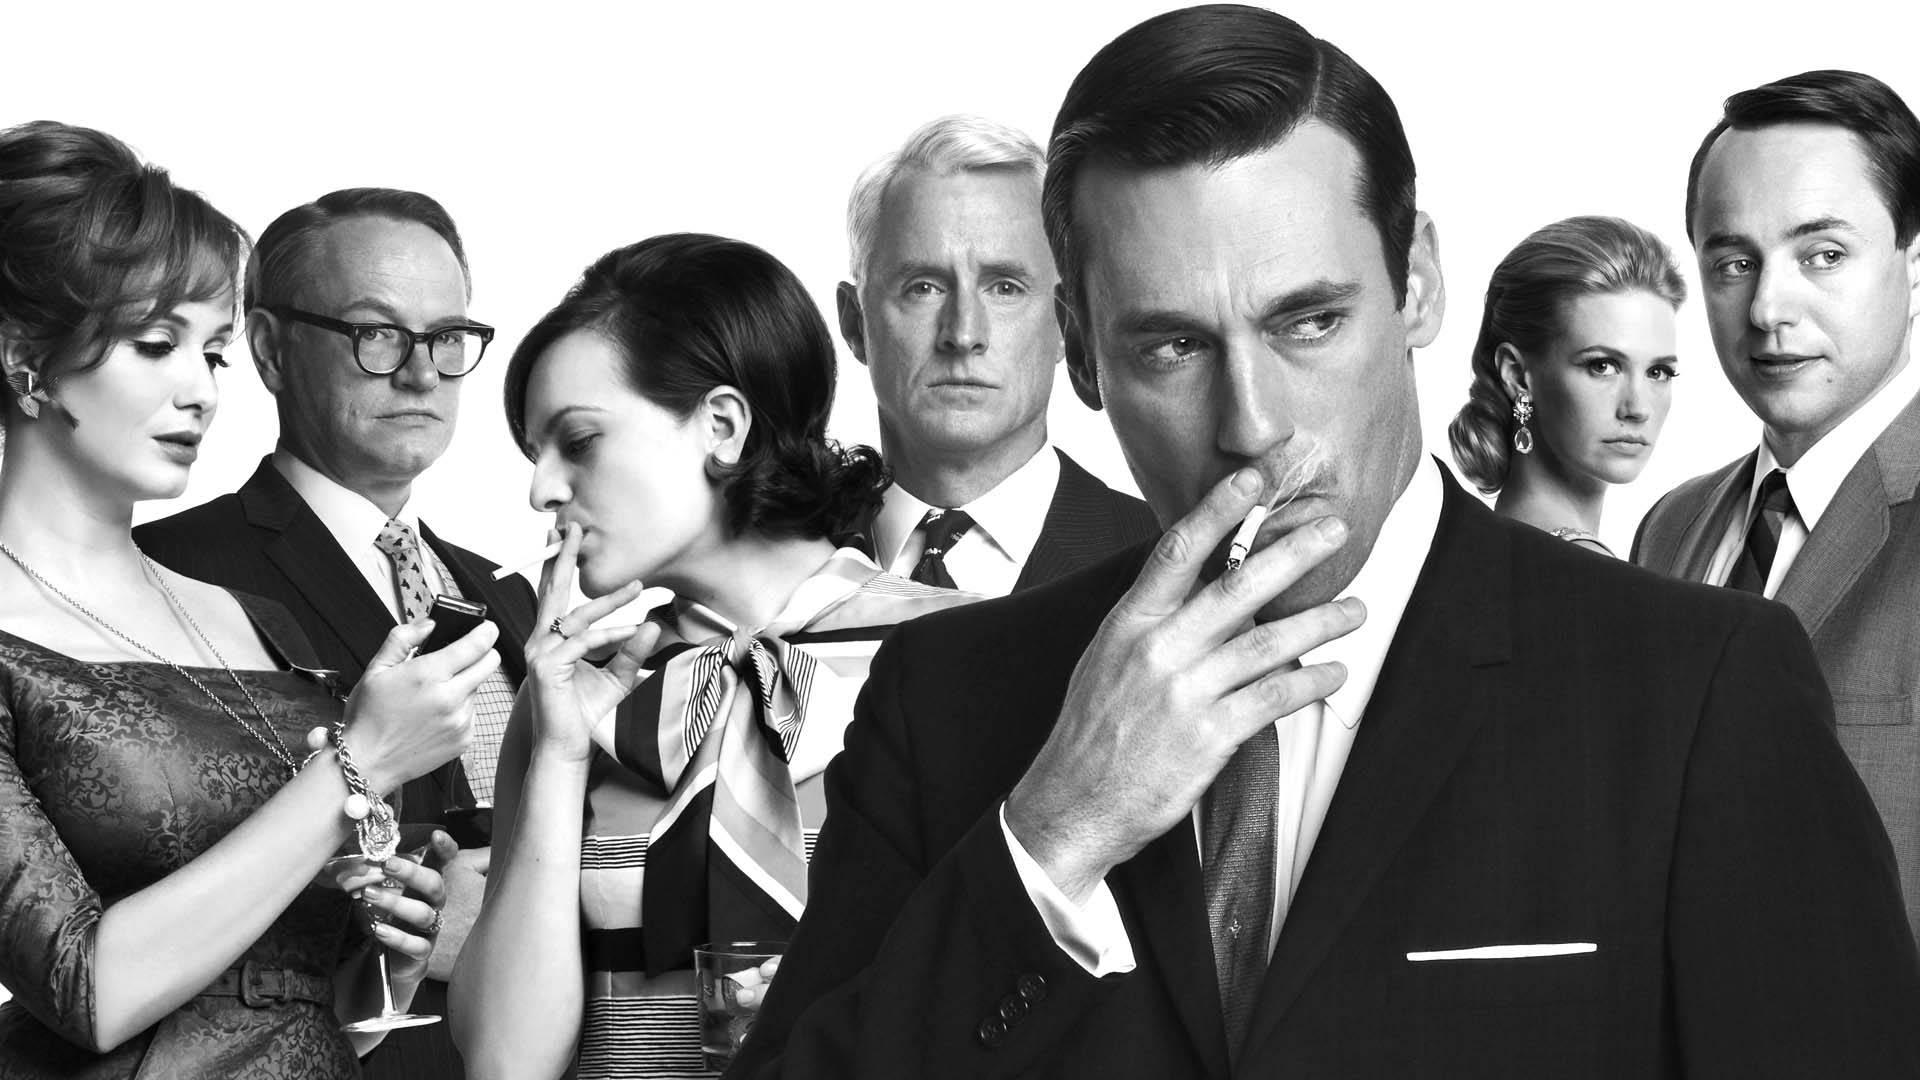 ДЕЛОВОЕ МЫЛО: пять сериалов, которые могут научить деловой хватке